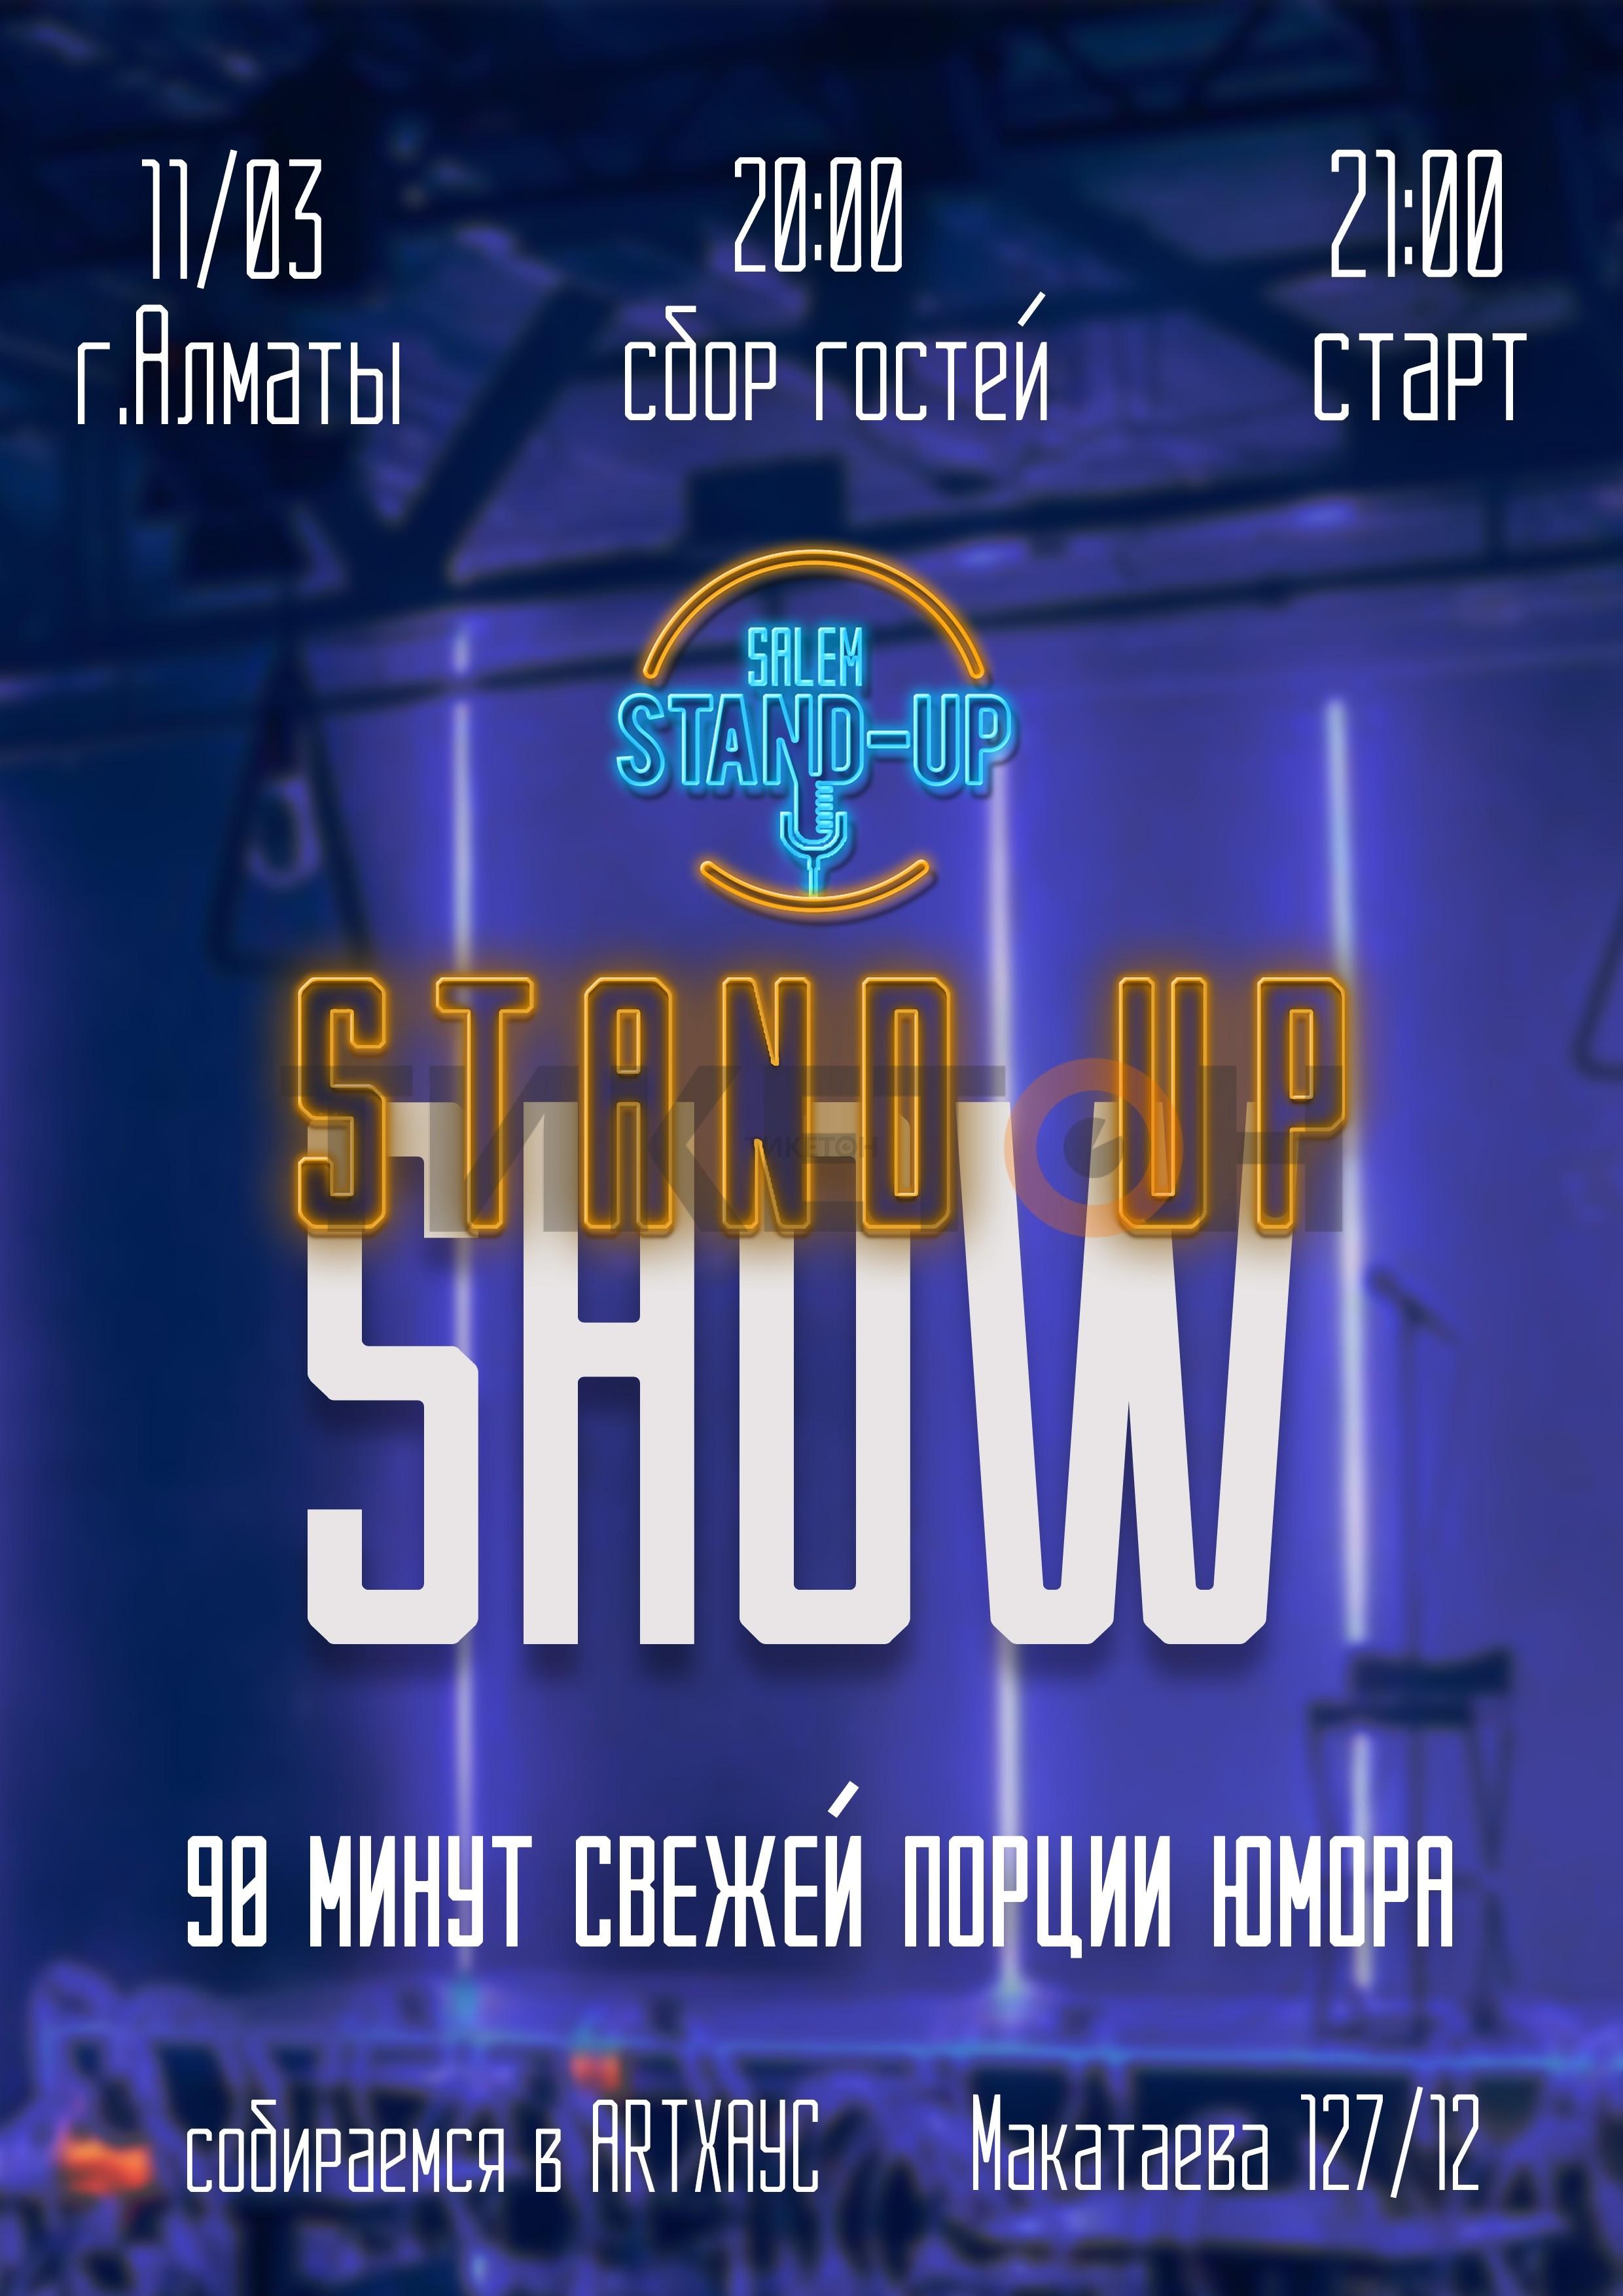 https://ticketon.kz/files/media/salem-stand-up-novyy-sezon-1103.jpg